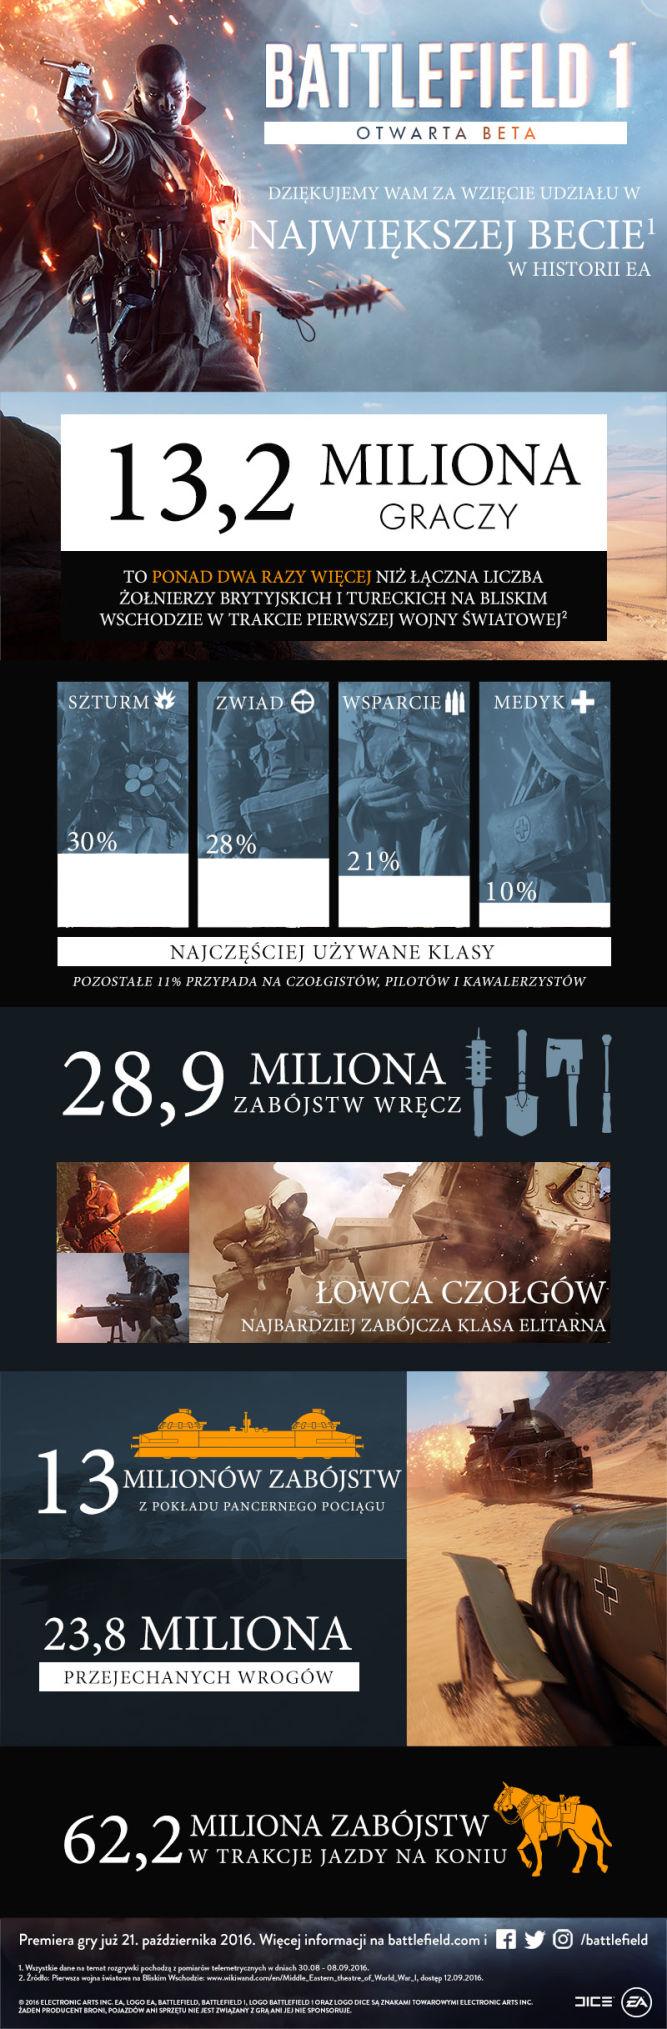 Ponad 13 milionów ludzi zagrało w otwartą betę Battlefielda 1 - obrazek 2